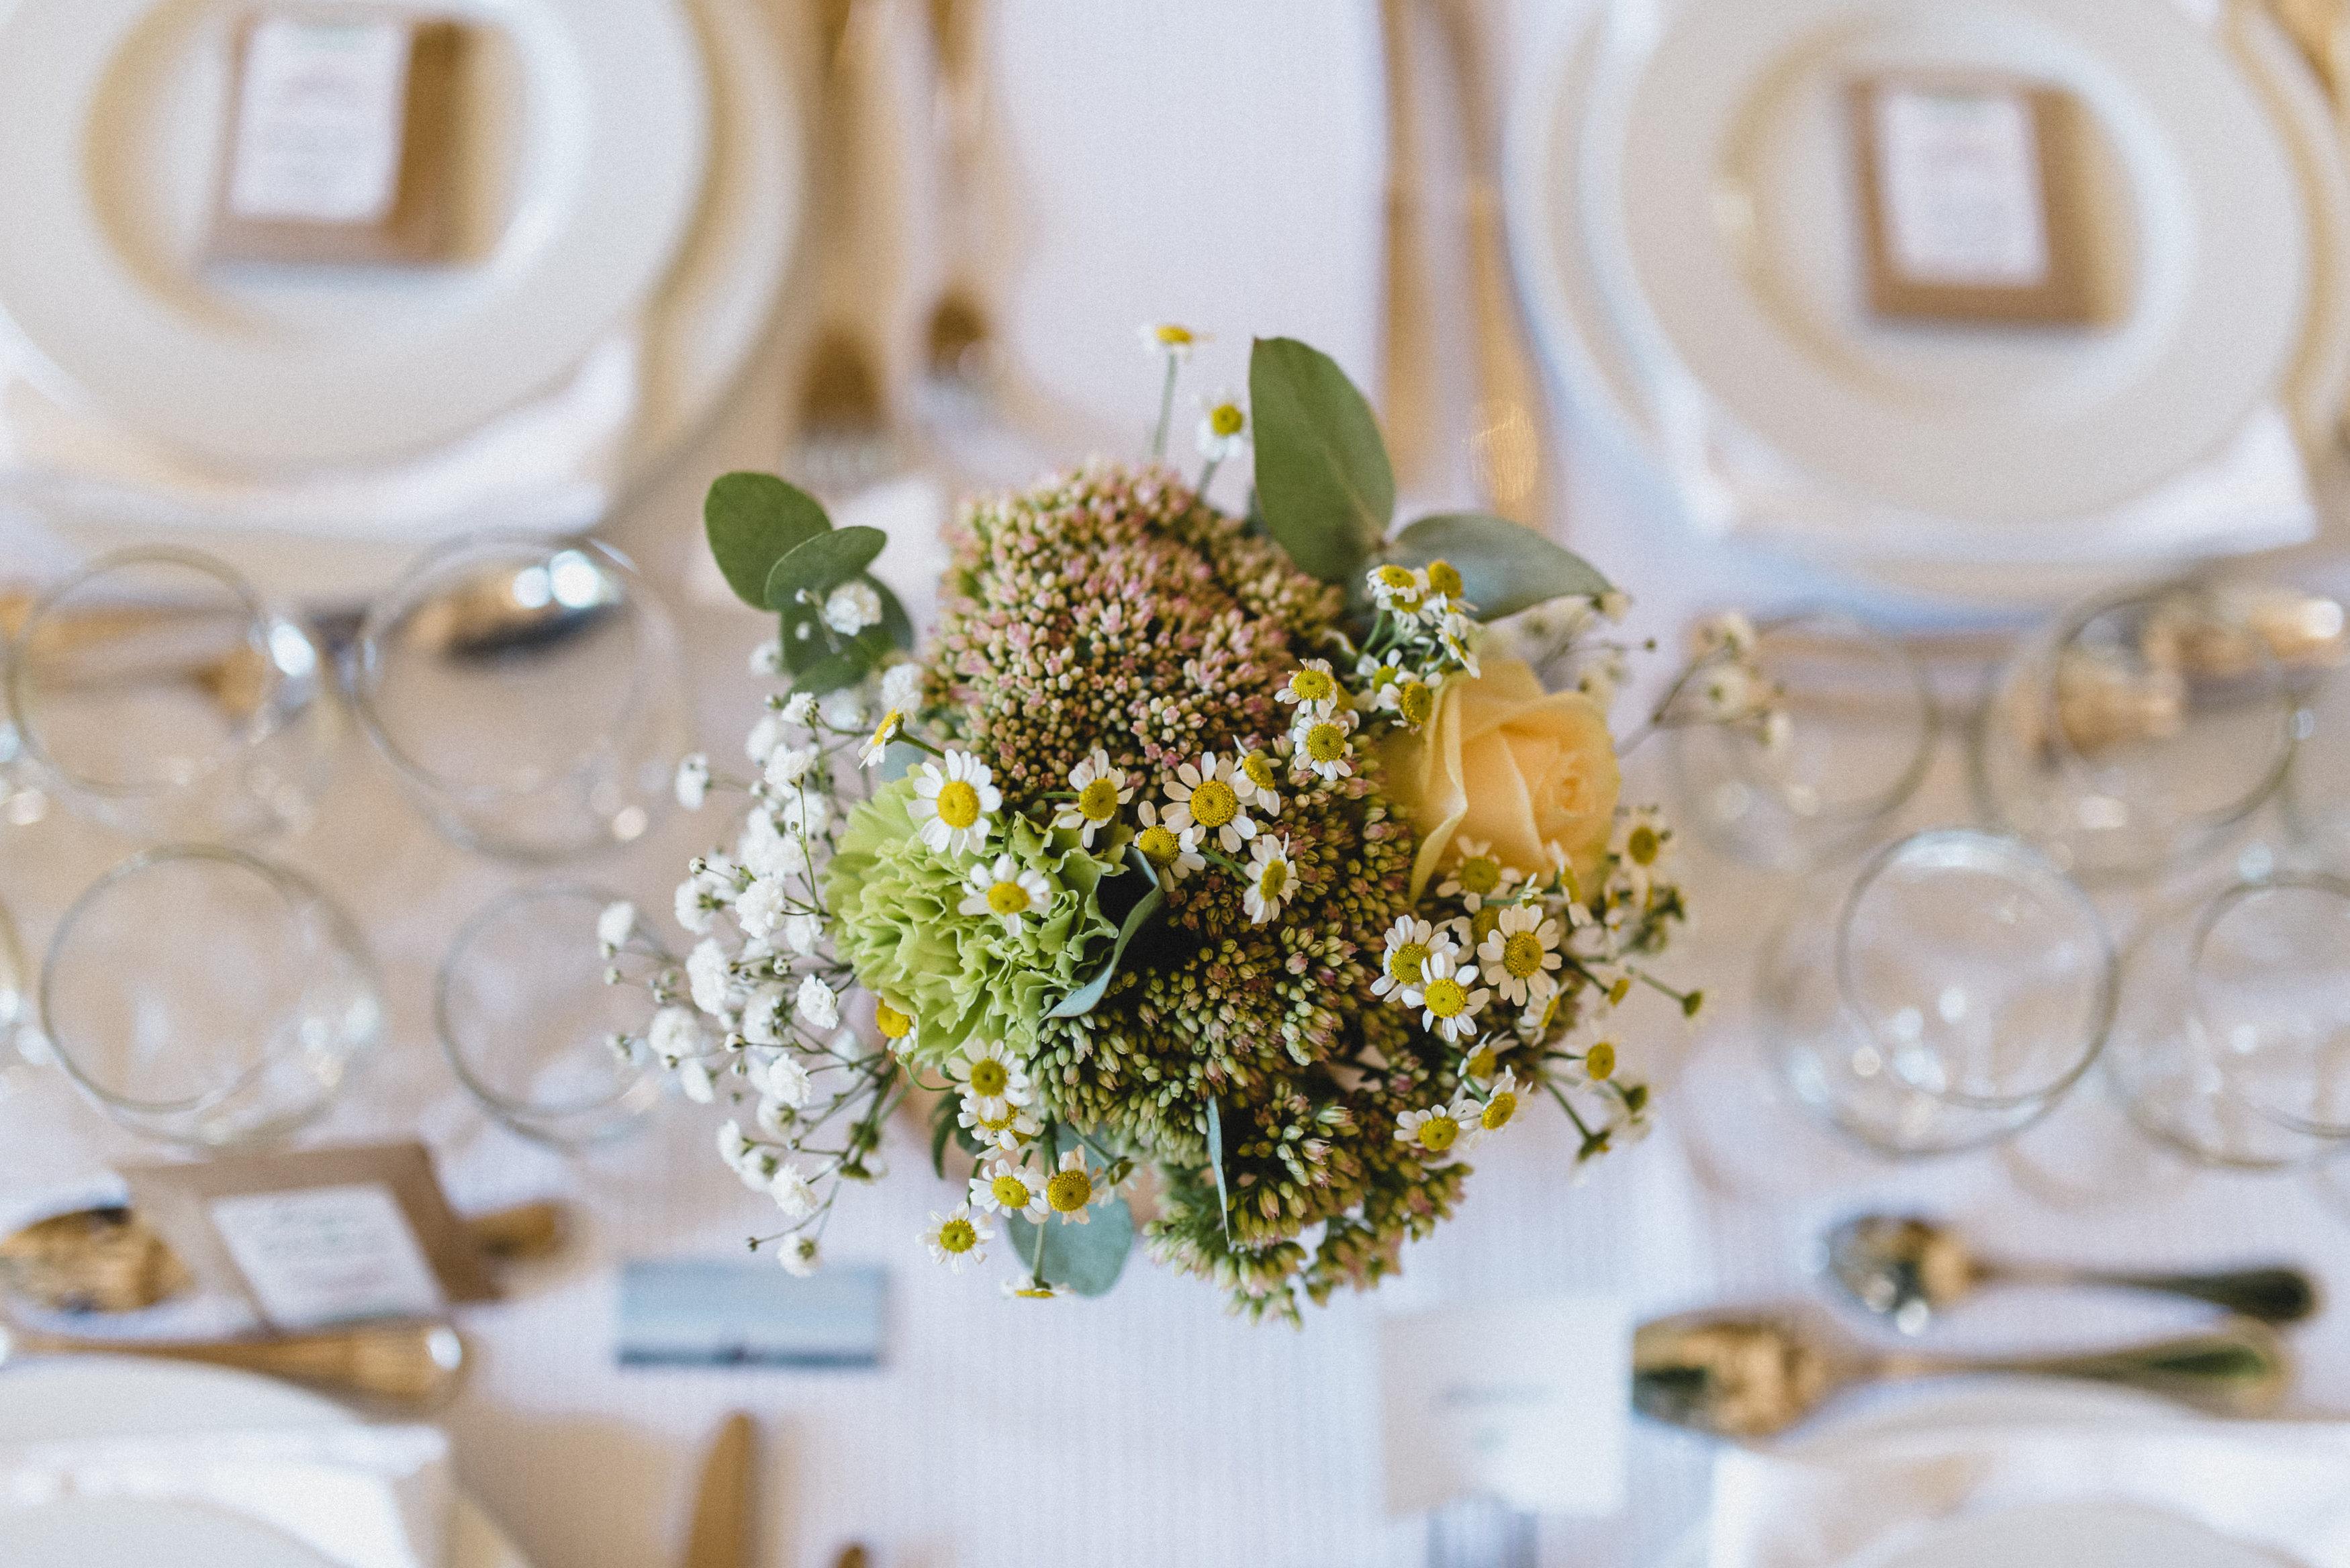 Mariage champetre - Mariage chic - Mariage au Domaine de Verderonne - Mariage dans l'Oise - Mariage en Picardie - Mariage corail - Mariage vert - Les crâneuses - Wedding planner - Wedding designer